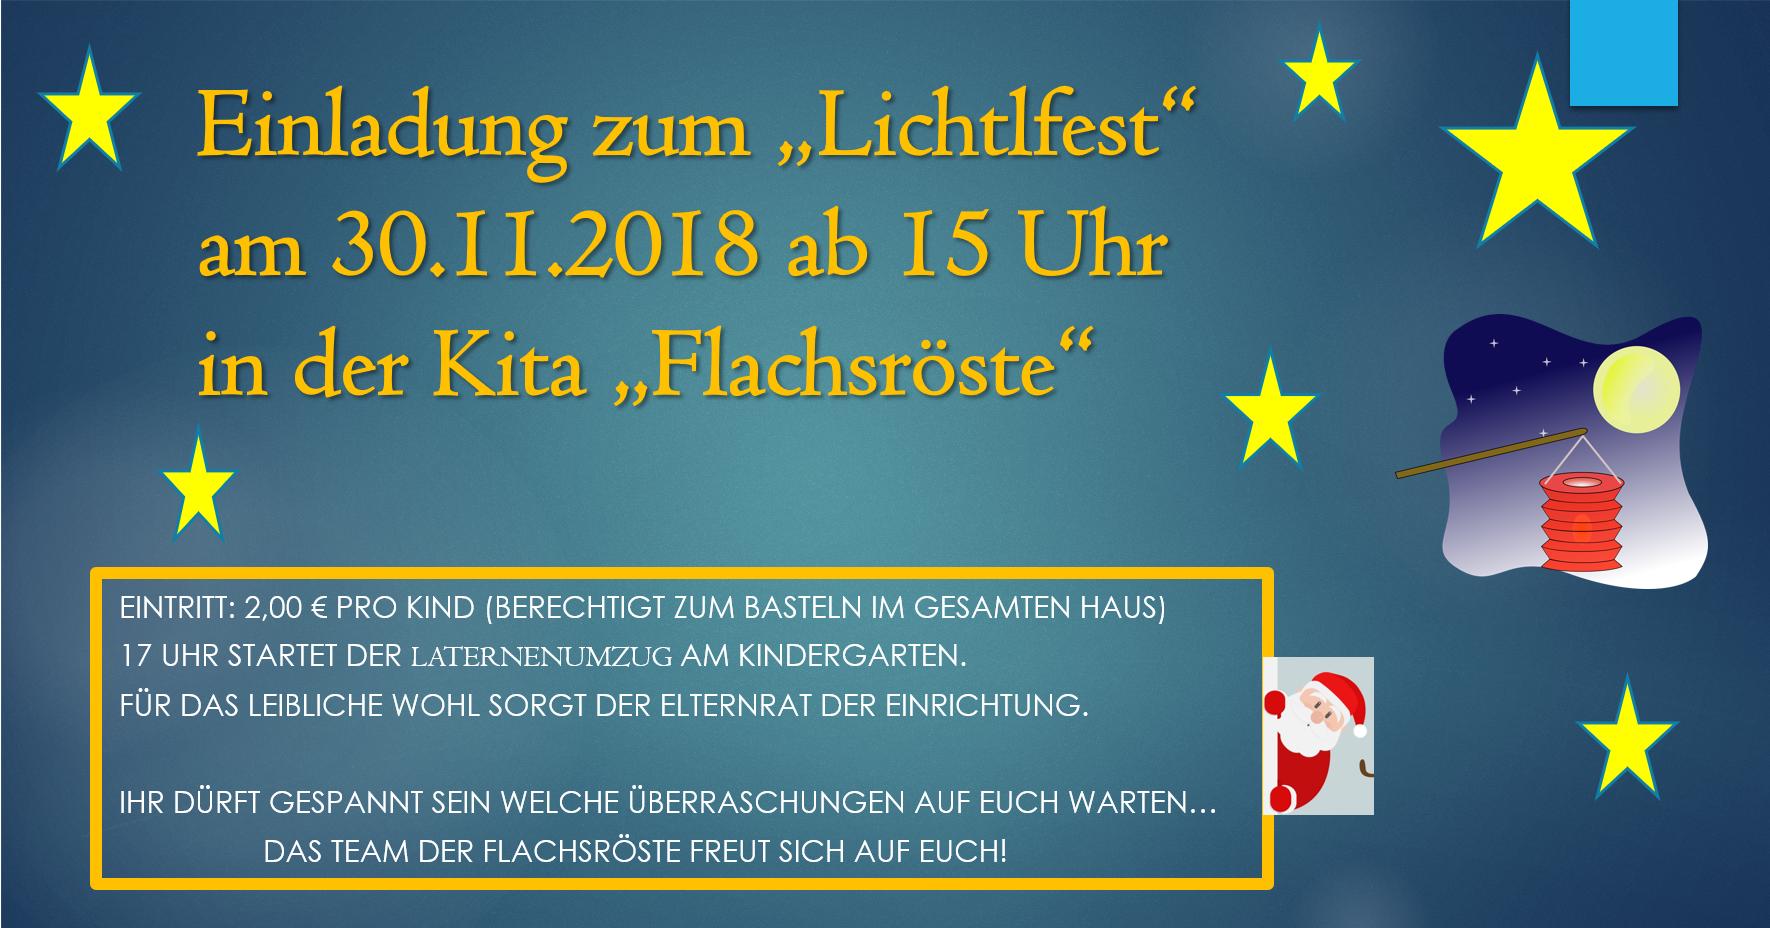 Lichtlfest Kita Flachsroeste Marienberg